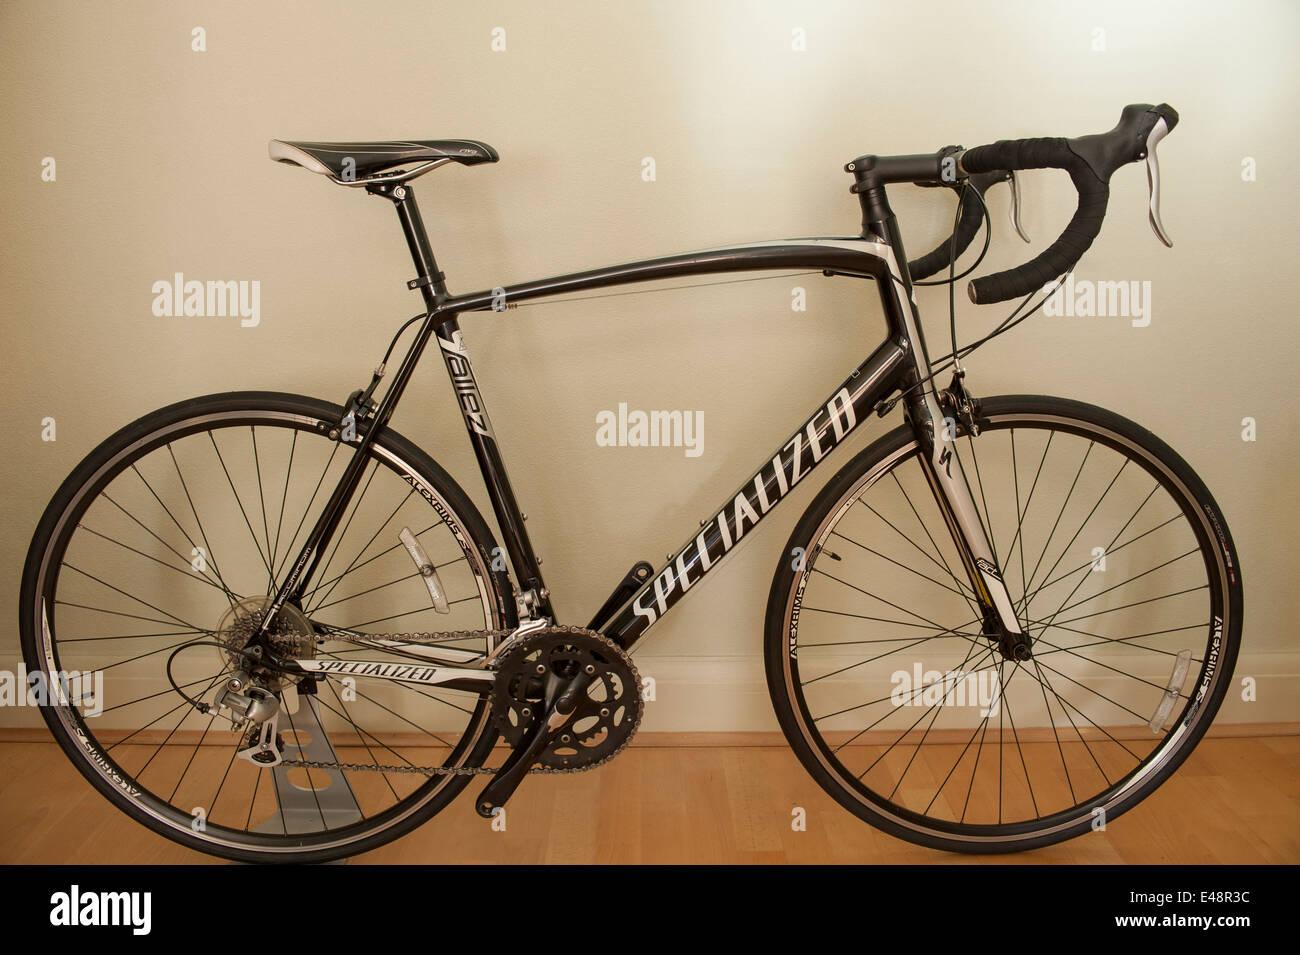 Specialized Allez road racing bike Stock Photo: 71493840 - Alamy